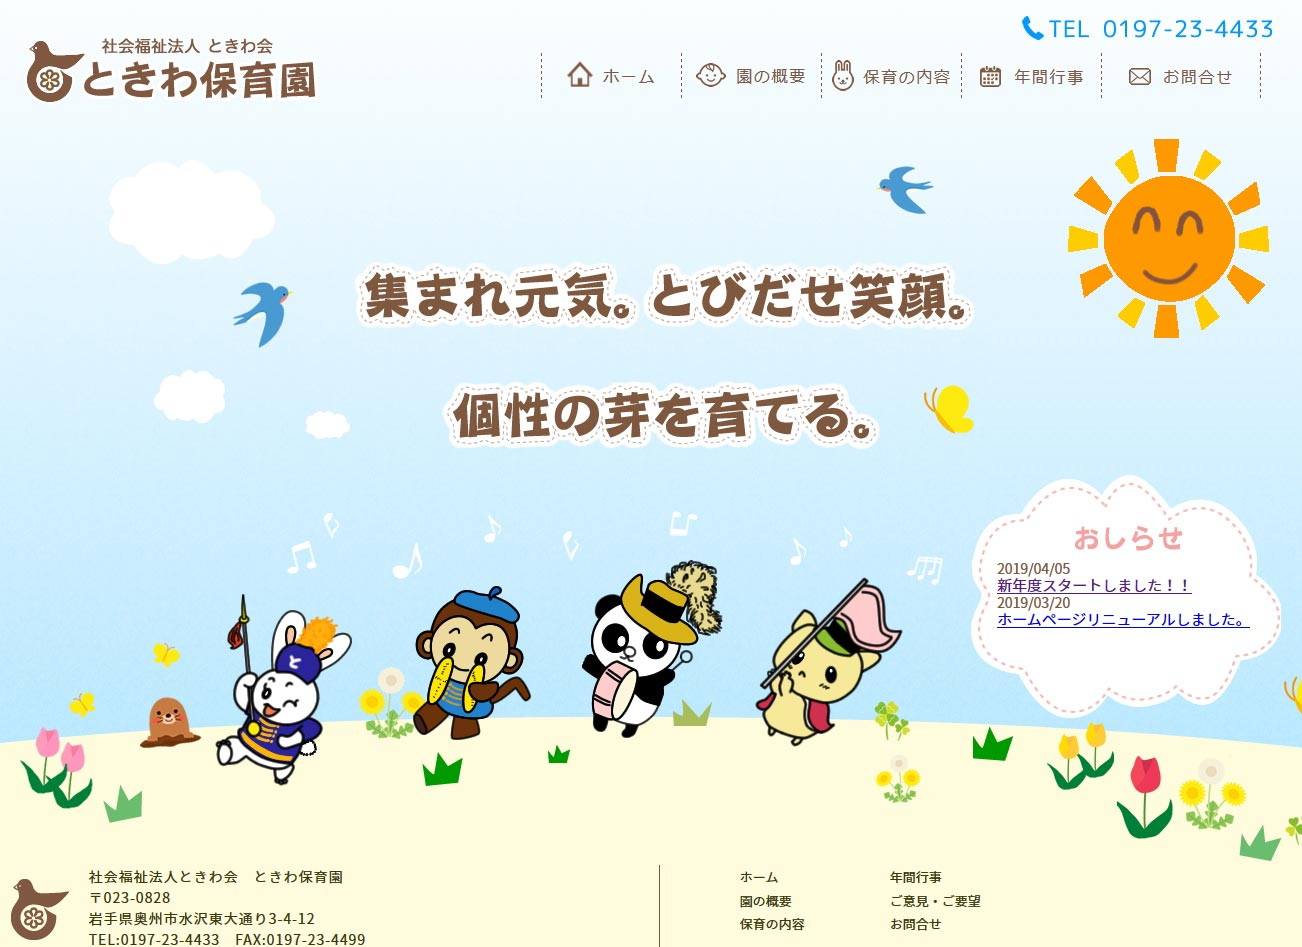 ときわ保育園.jpg